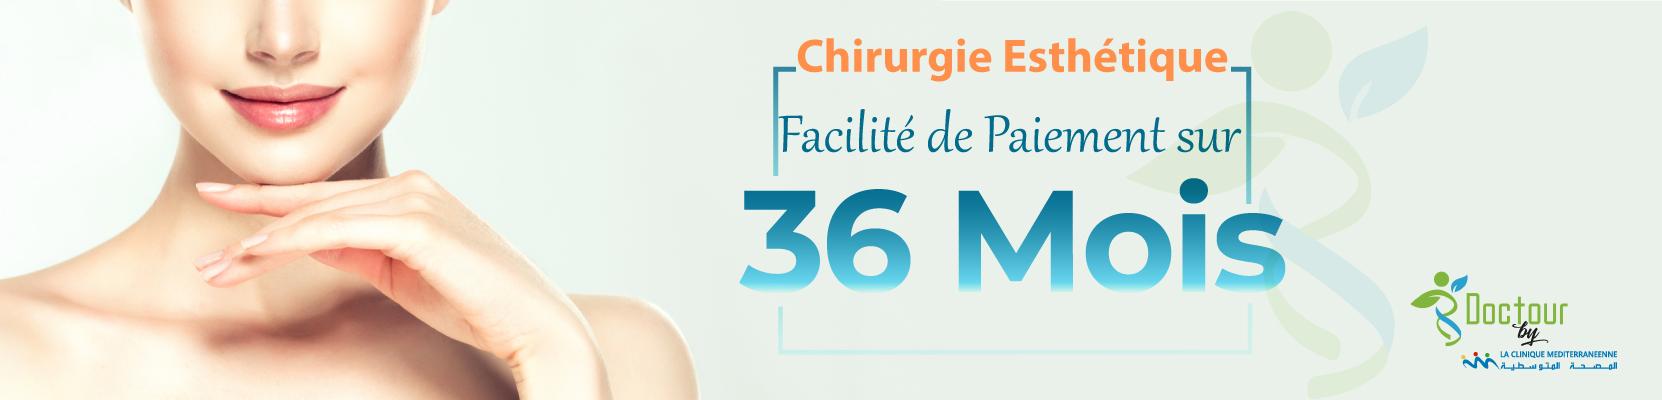 banniere sur 36 mois tunisie